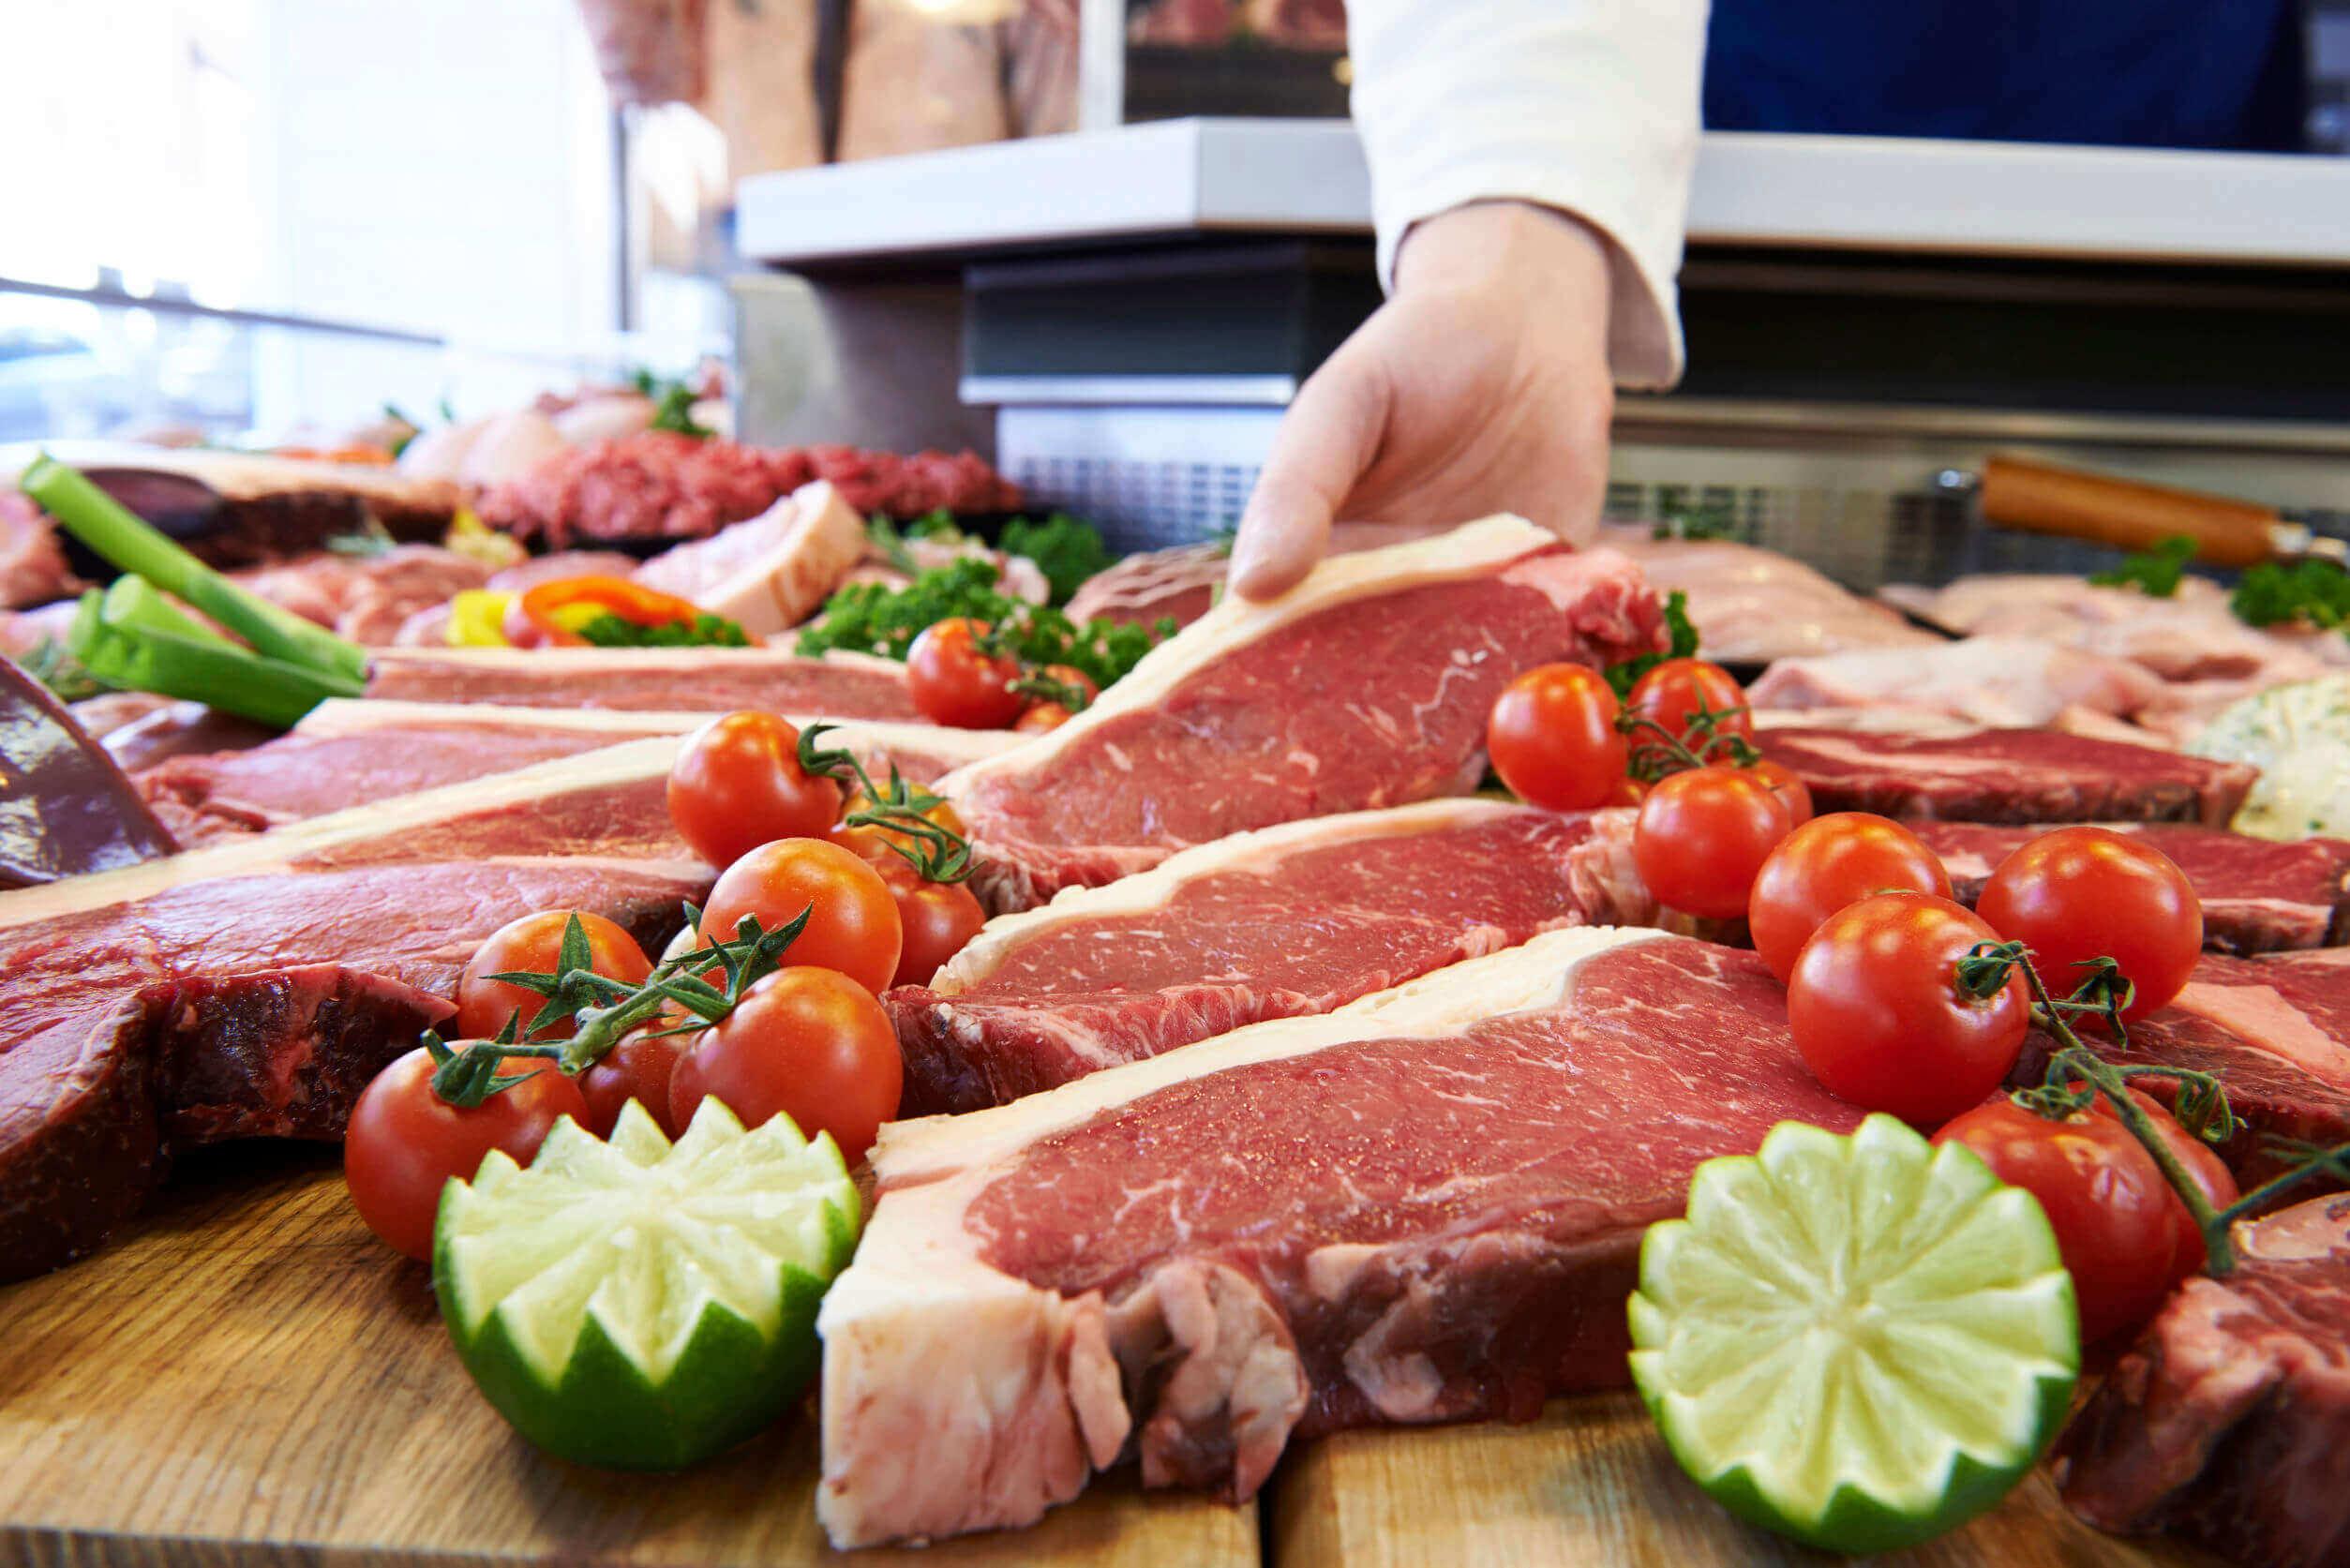 mutfakta hazırlanan et dilimleri ve sebzeler